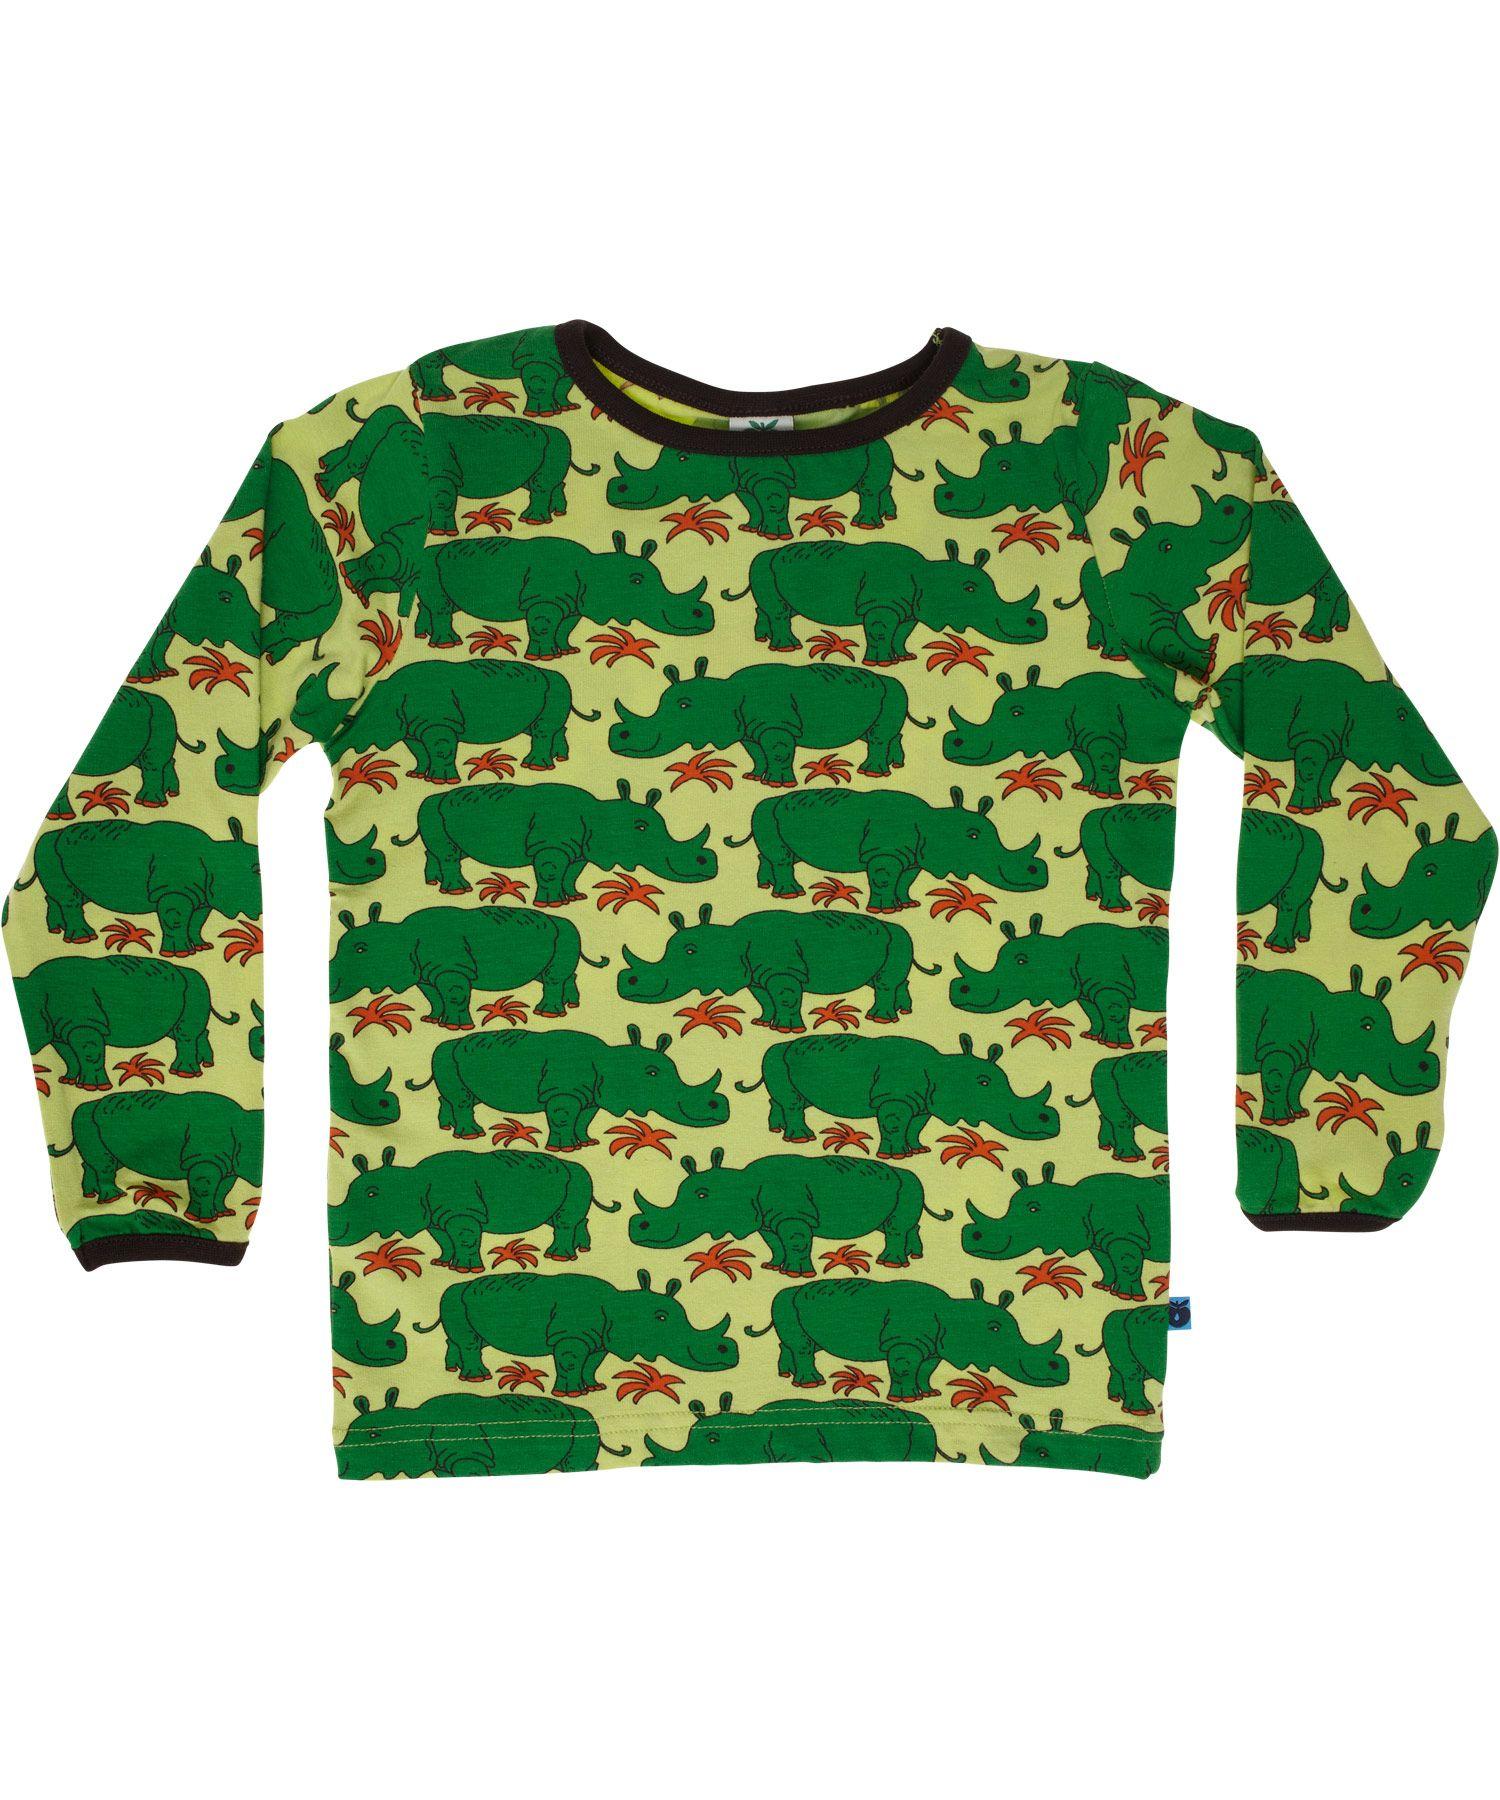 9cfb3eec60e4d1 Småfolk frisgroene t-shirt met nijlpaard printRhinos